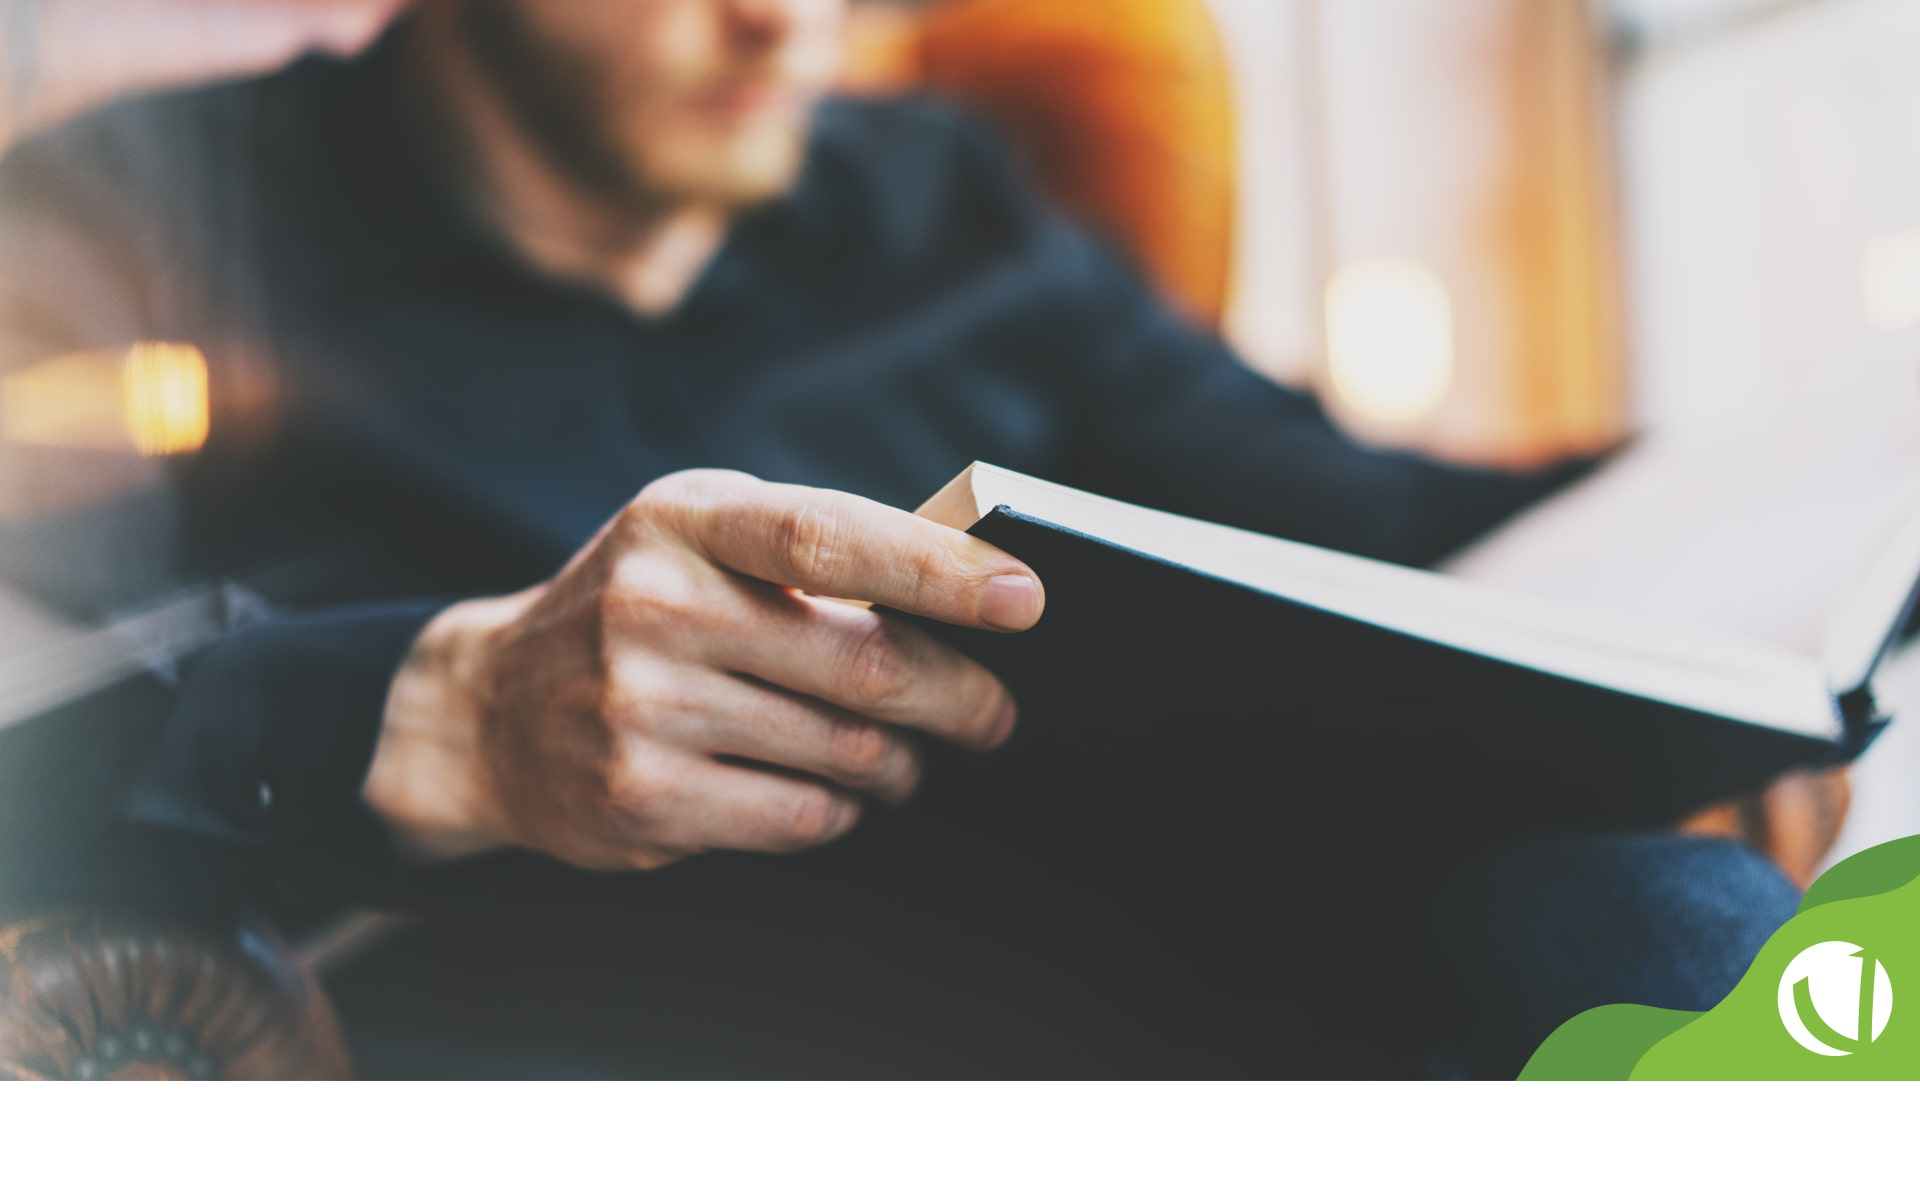 Confira nossas dicas e conheça 5 livros sobre gestão escolar que todo diretor precisa conhecer.